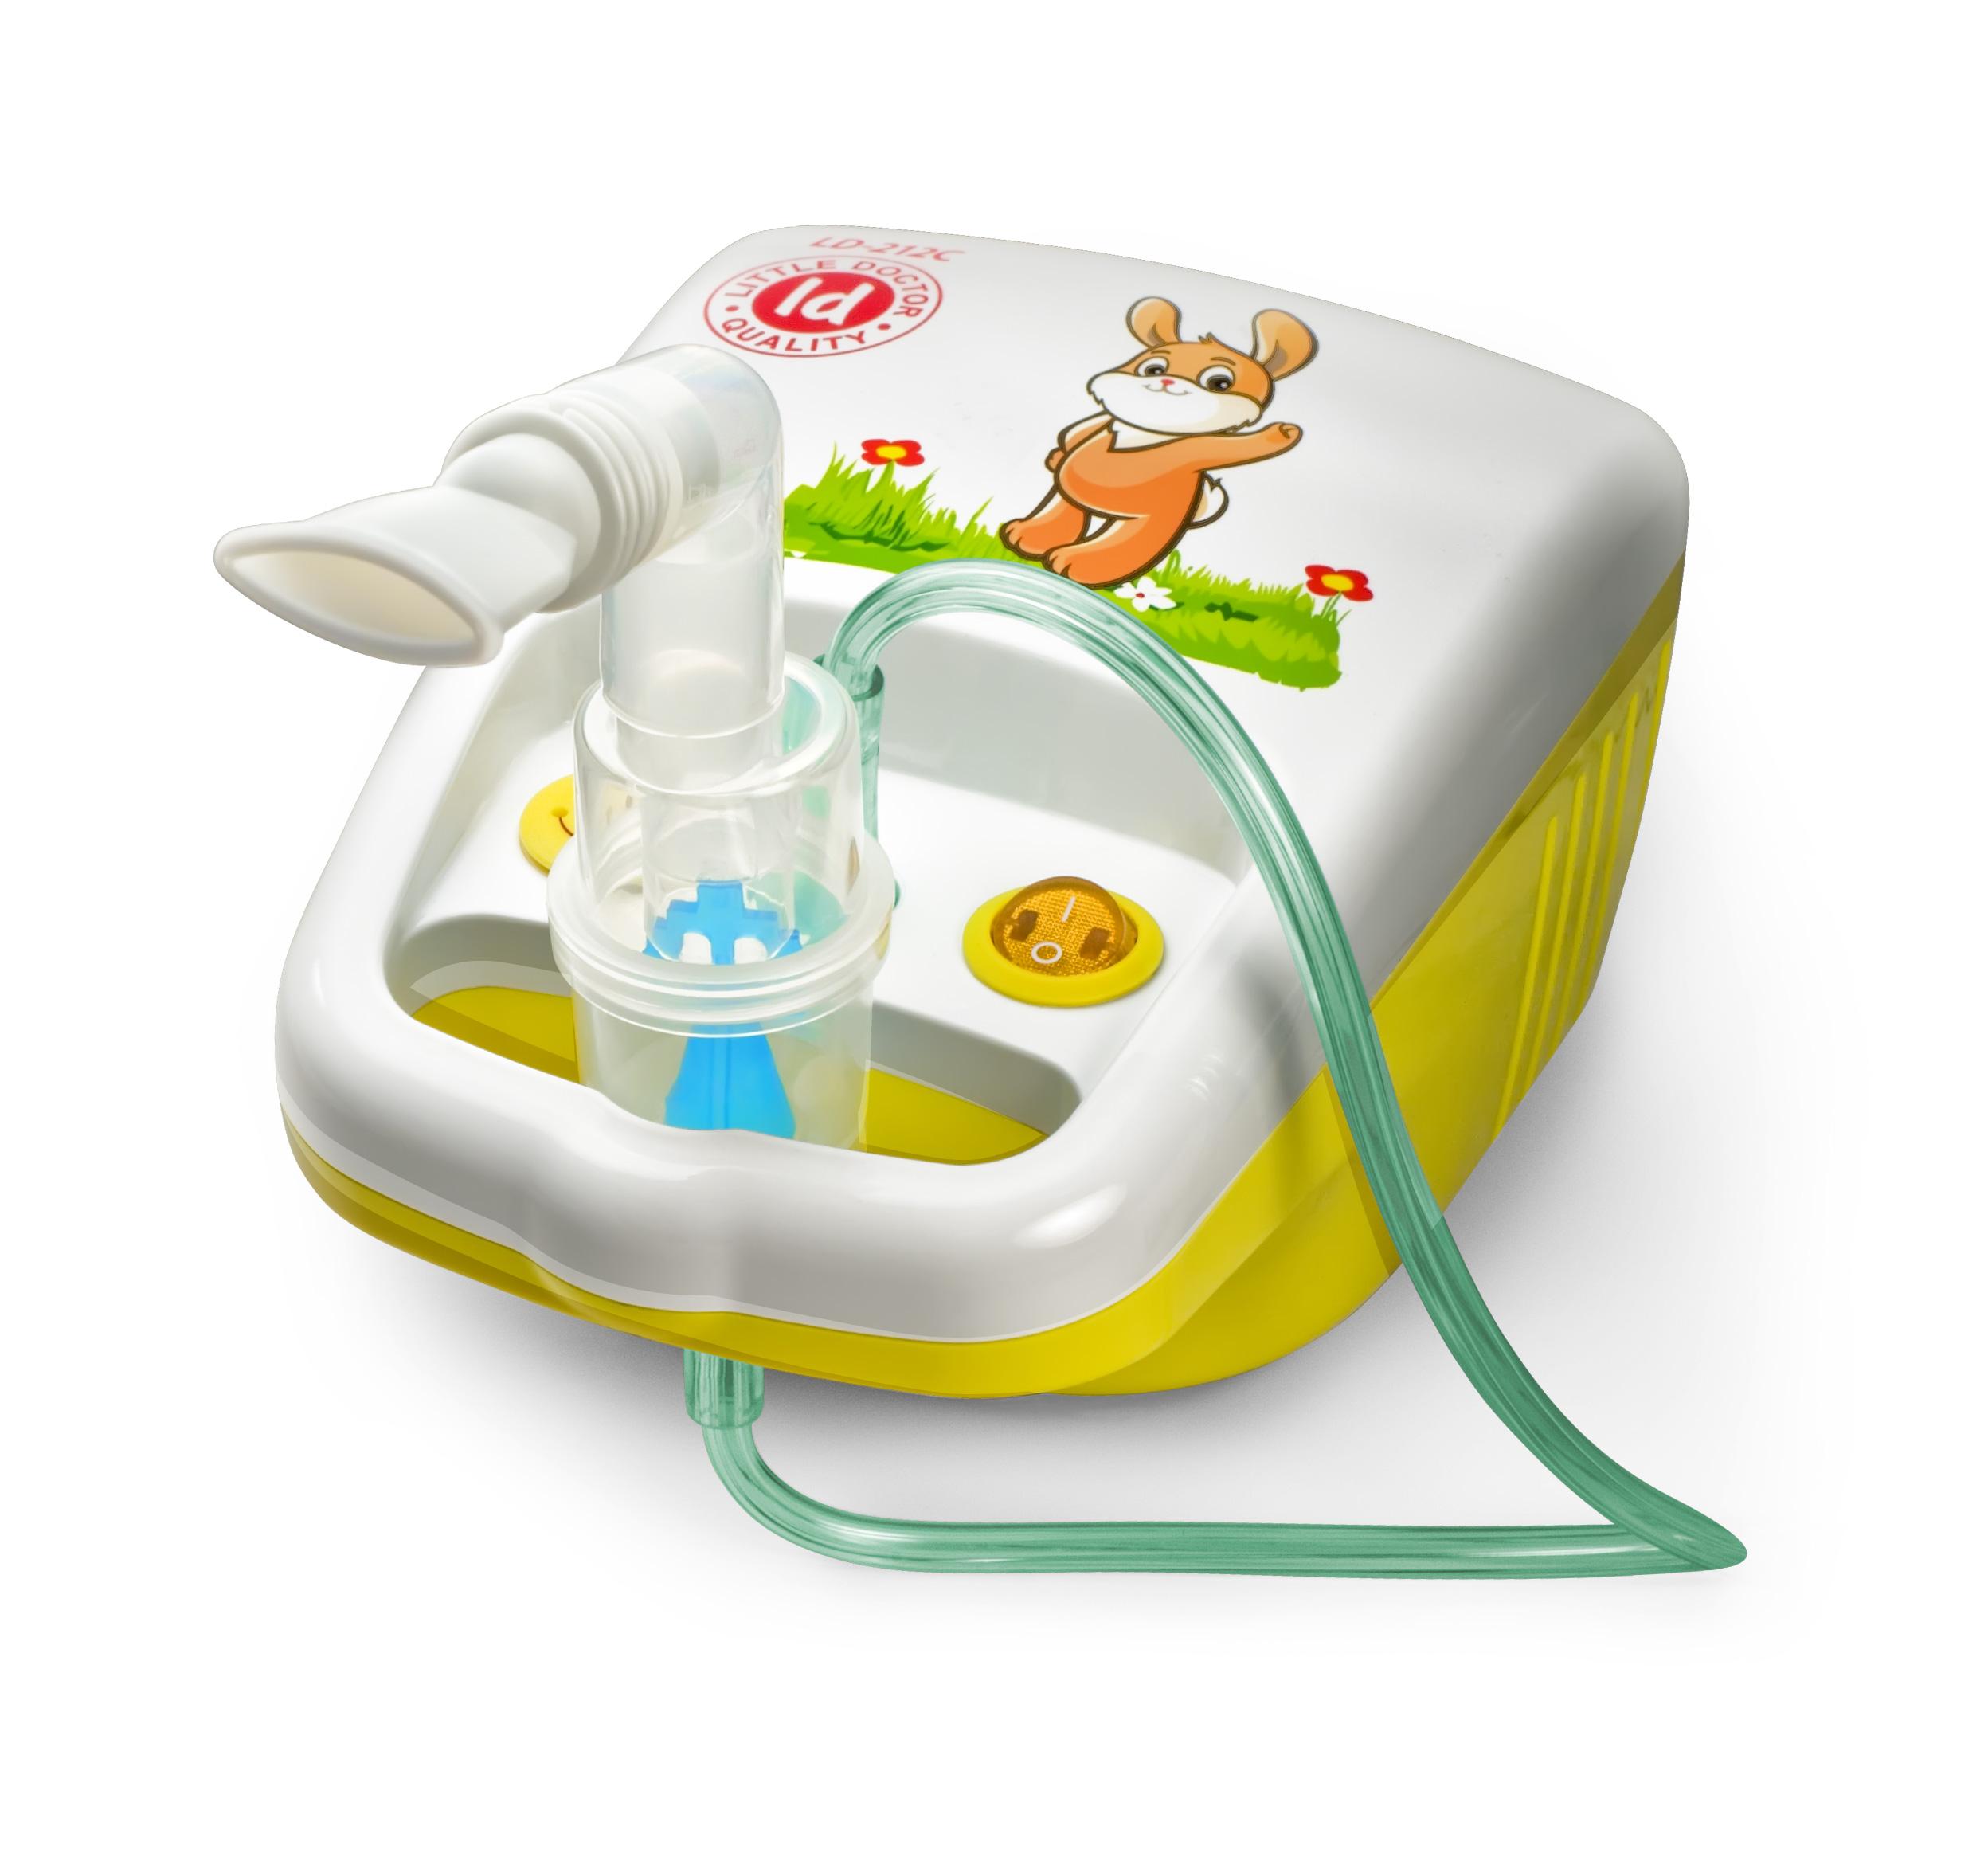 Little Doctor Ингалятор компрессорный LD-212С0001480Компрессорный ингалятор LD-212С подойдет для лечения ОРВИ, синусита, ларингита, ринита, фарингита, бронхита, астмы и других заболеваний дыхательной системы. Ингалятор обладает компактным размером и оригинальным дизайном, который понравится детям. Одно из главных отличий ингалятора - специальная конструкция, определяющая разные пути потоков воздуха при вдохе и выдохе. Ингалятор активируется вдохом. Благодаря особой конструкции каждого распылителя, эффективность ингаляций может достигаться избирательным воздействием на определенную часть дыхательных путей (верхнюю, среднюю или нижнюю). Распылитель А (желтый) - для нижних отделов дыхательных путей Распылитель В (синий) - универсальный распылитель Распылитель С (красный) - для верхних отделов дыхательных путей Ингалятор LD-212С экономичен в работе благодаря низкому остаточному объему лекарственного раствора. Компрессорный ингалятор Little Doctor LD-212C Небулайзер 3 распылителя Маска взрослая Маска детская Насадка для носа взрослая...